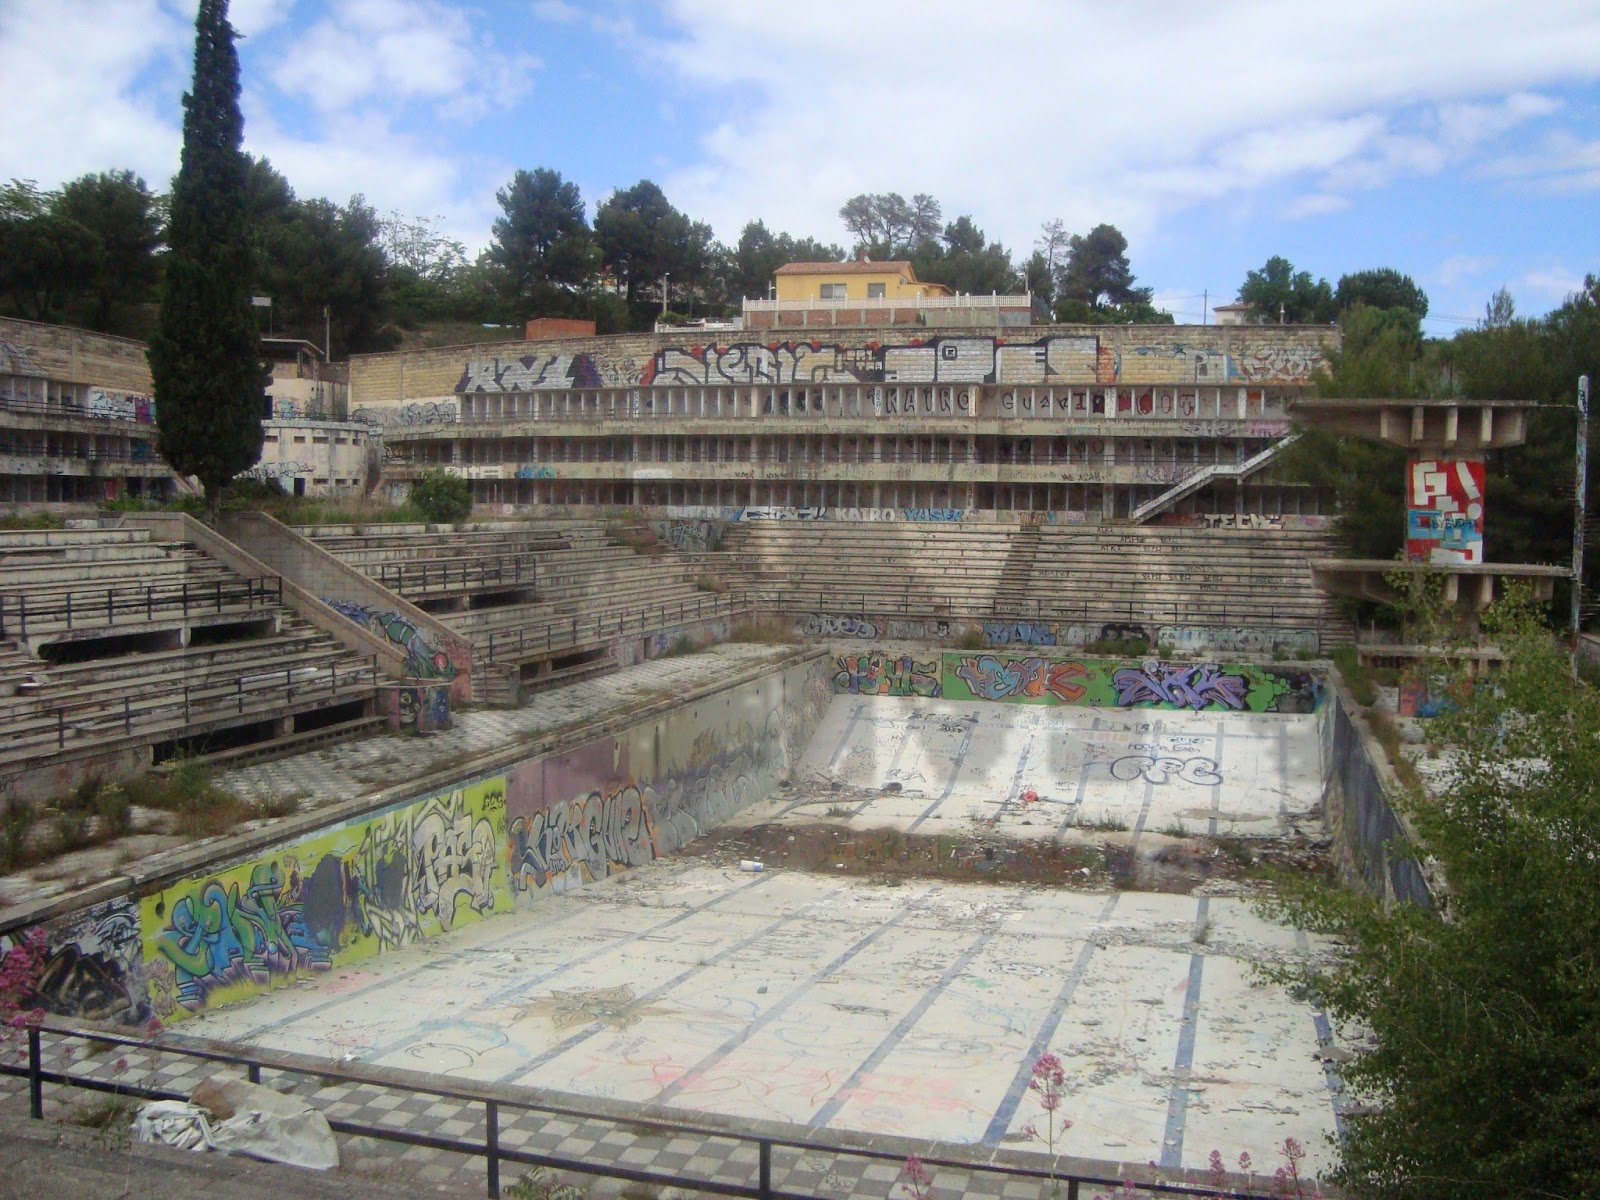 Lugares con mucha vida las viejas piscinas de castellnou - Piscinas abandonadas rubi ...